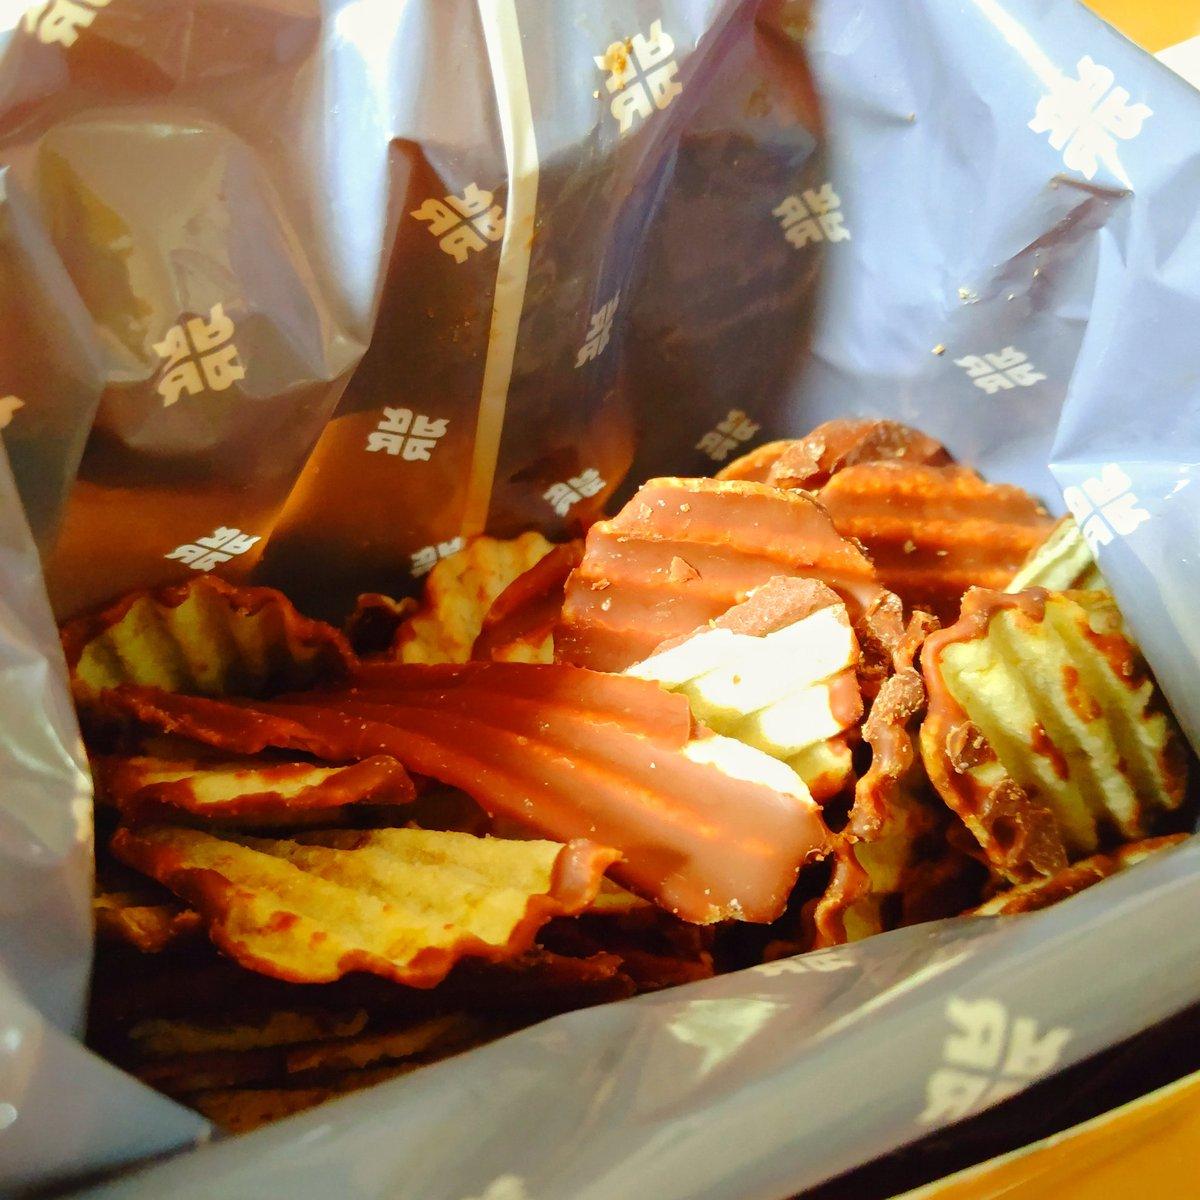 test ツイッターメディア - 先日の夫へのバレンタインチョコ🍫 夫が生チョコ大好きなので毎年ロイズで購入している。 いつも生チョコとポテトチップチョコレート。 今年選んだ生チョコはオーレとシャンパン。 #バレンタイン #バレンタインデー  #ロイズ #ROYCE https://t.co/PwUfgx6Wnq